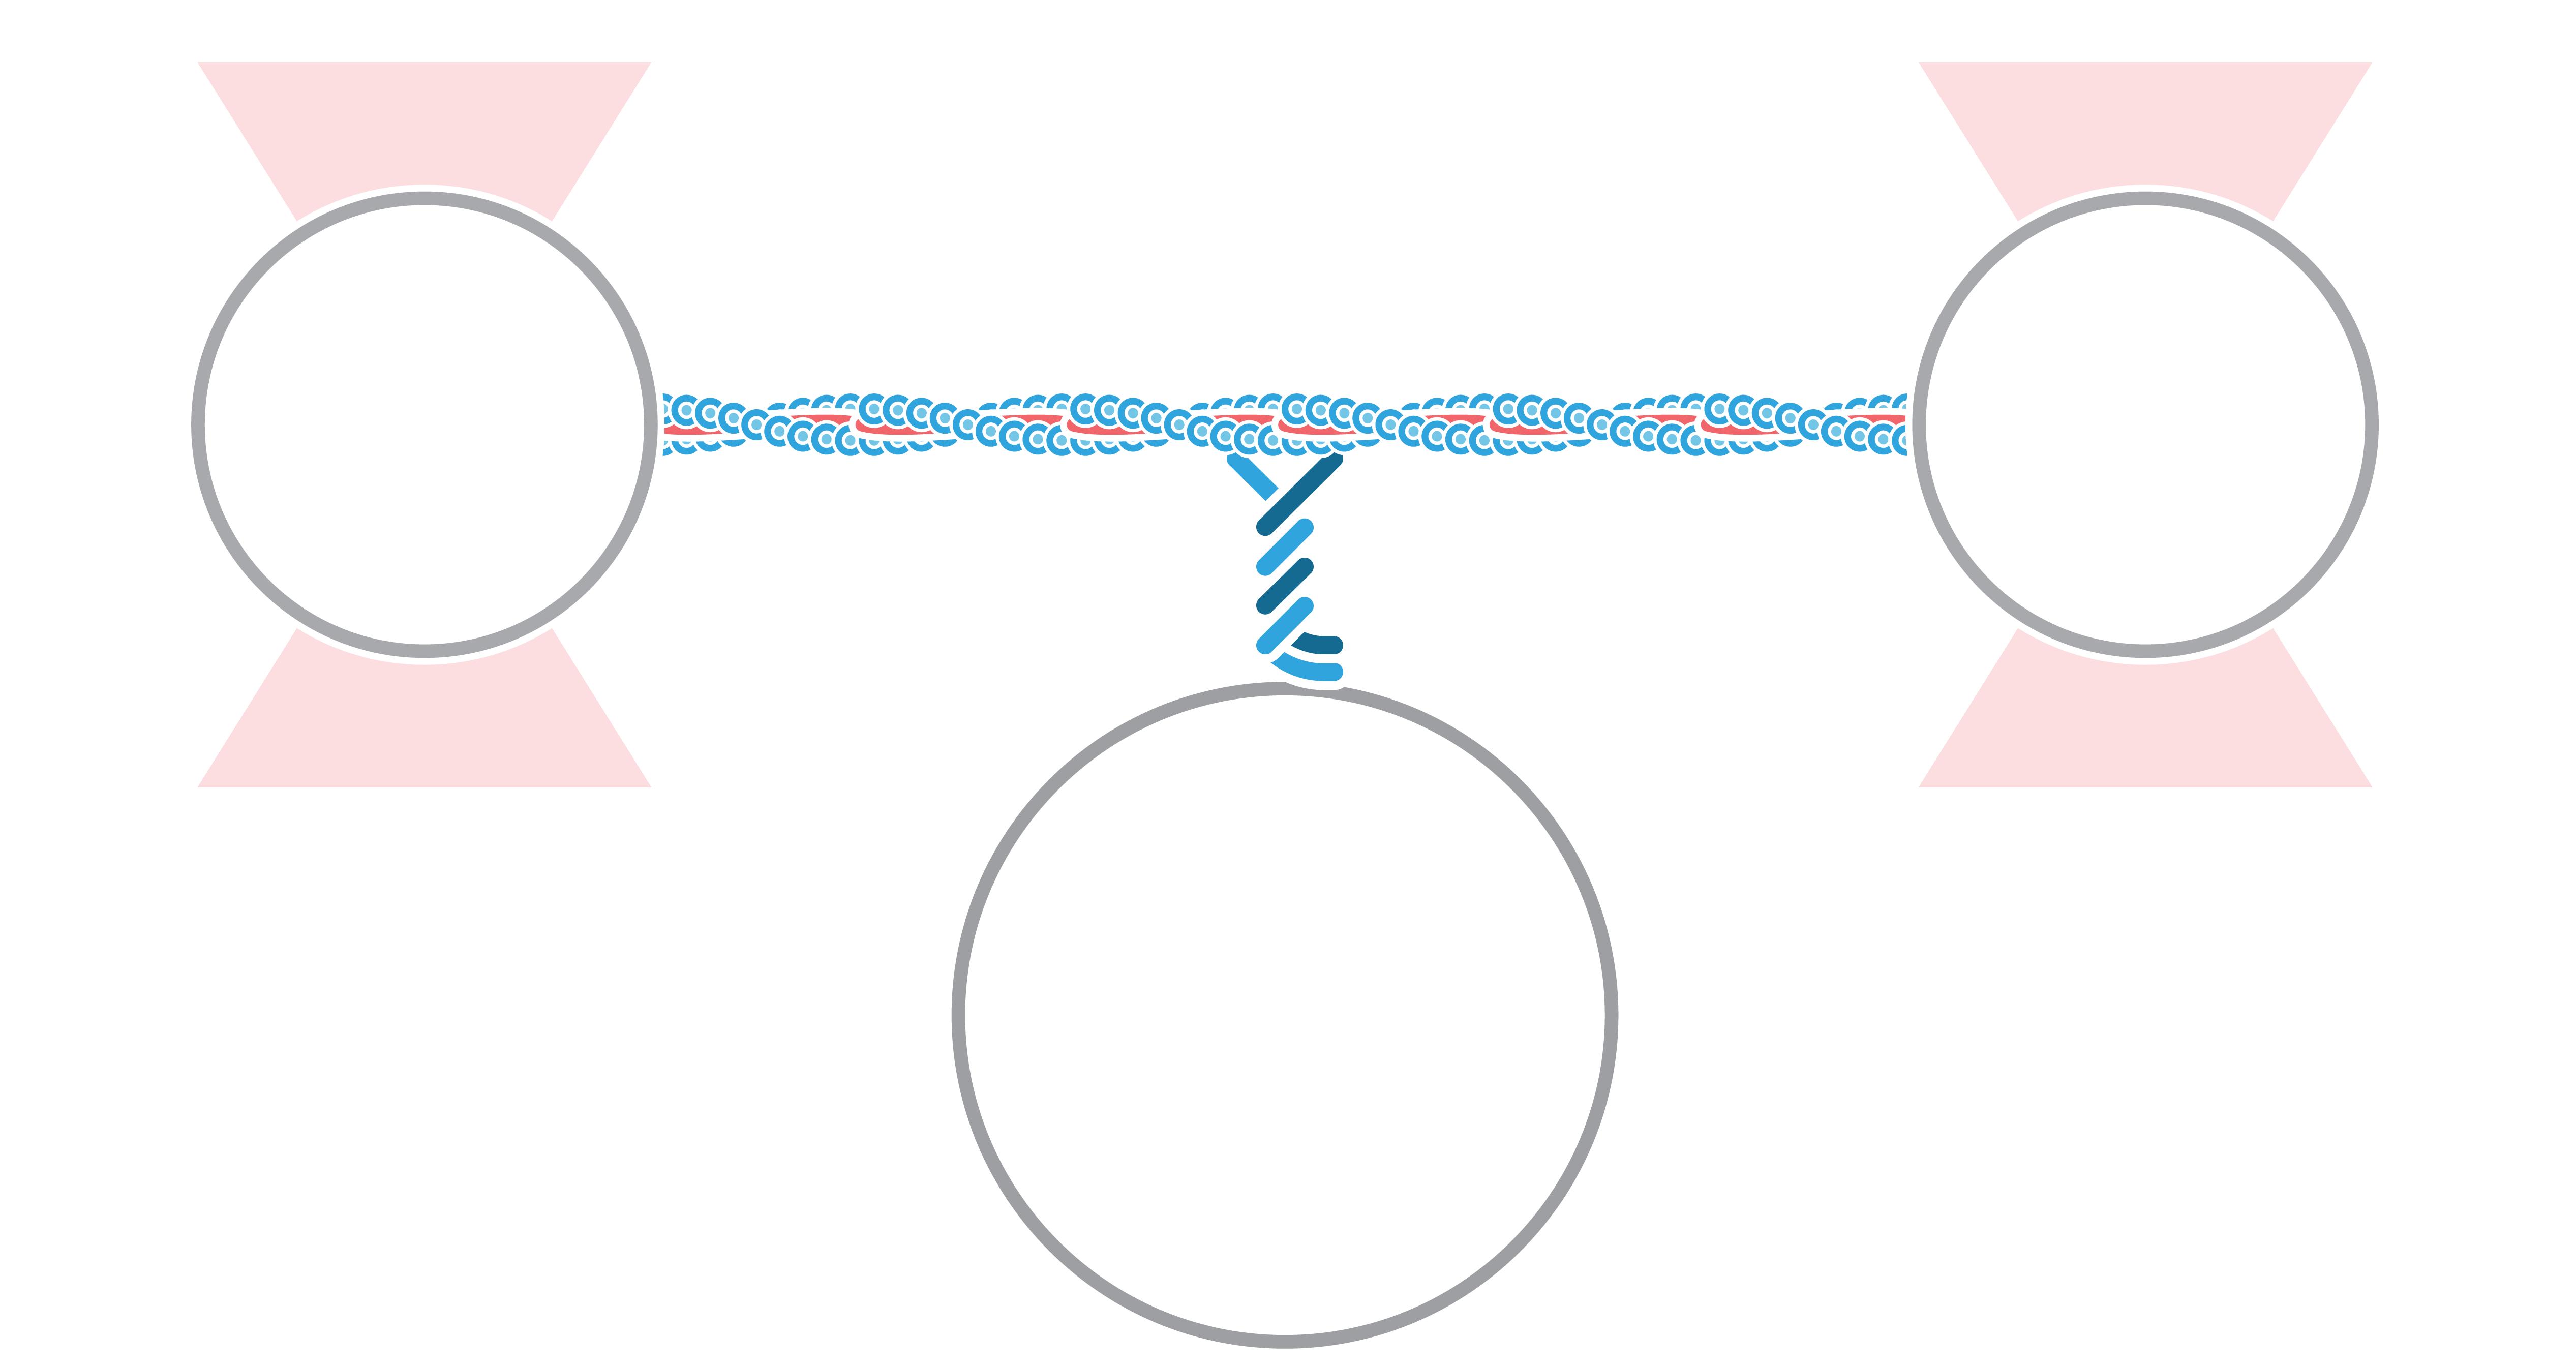 C Trap Motor on Actin Three Bead Assay